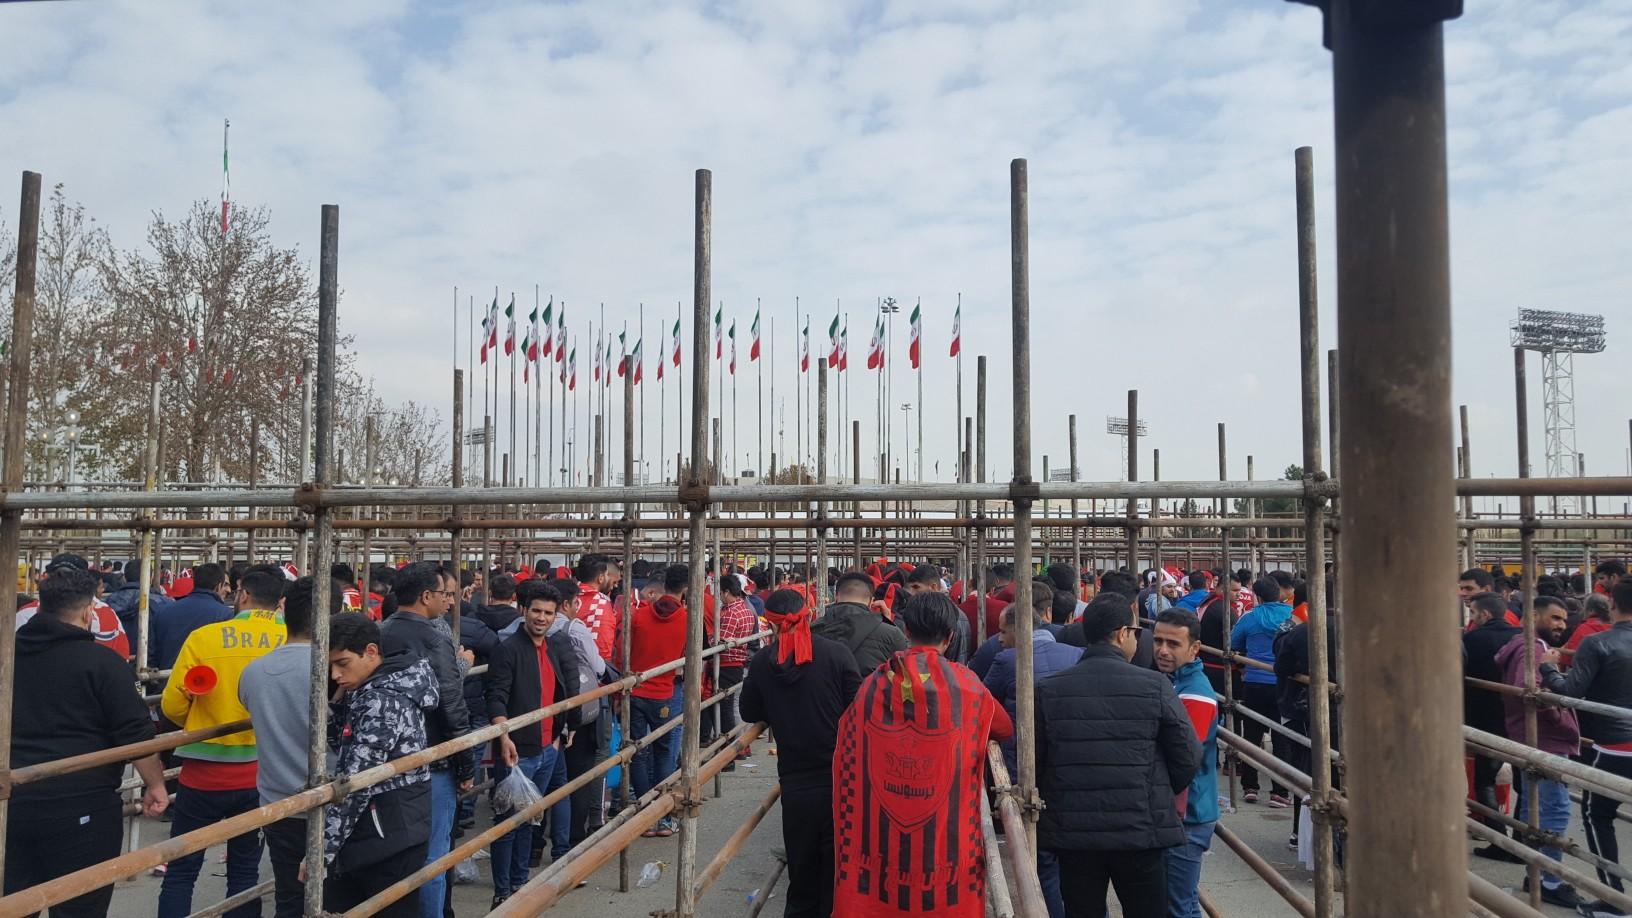 حواشی پیش از دیدار تیمهای فوتبال پرسپولیس ایران - کاشیما ژاپن